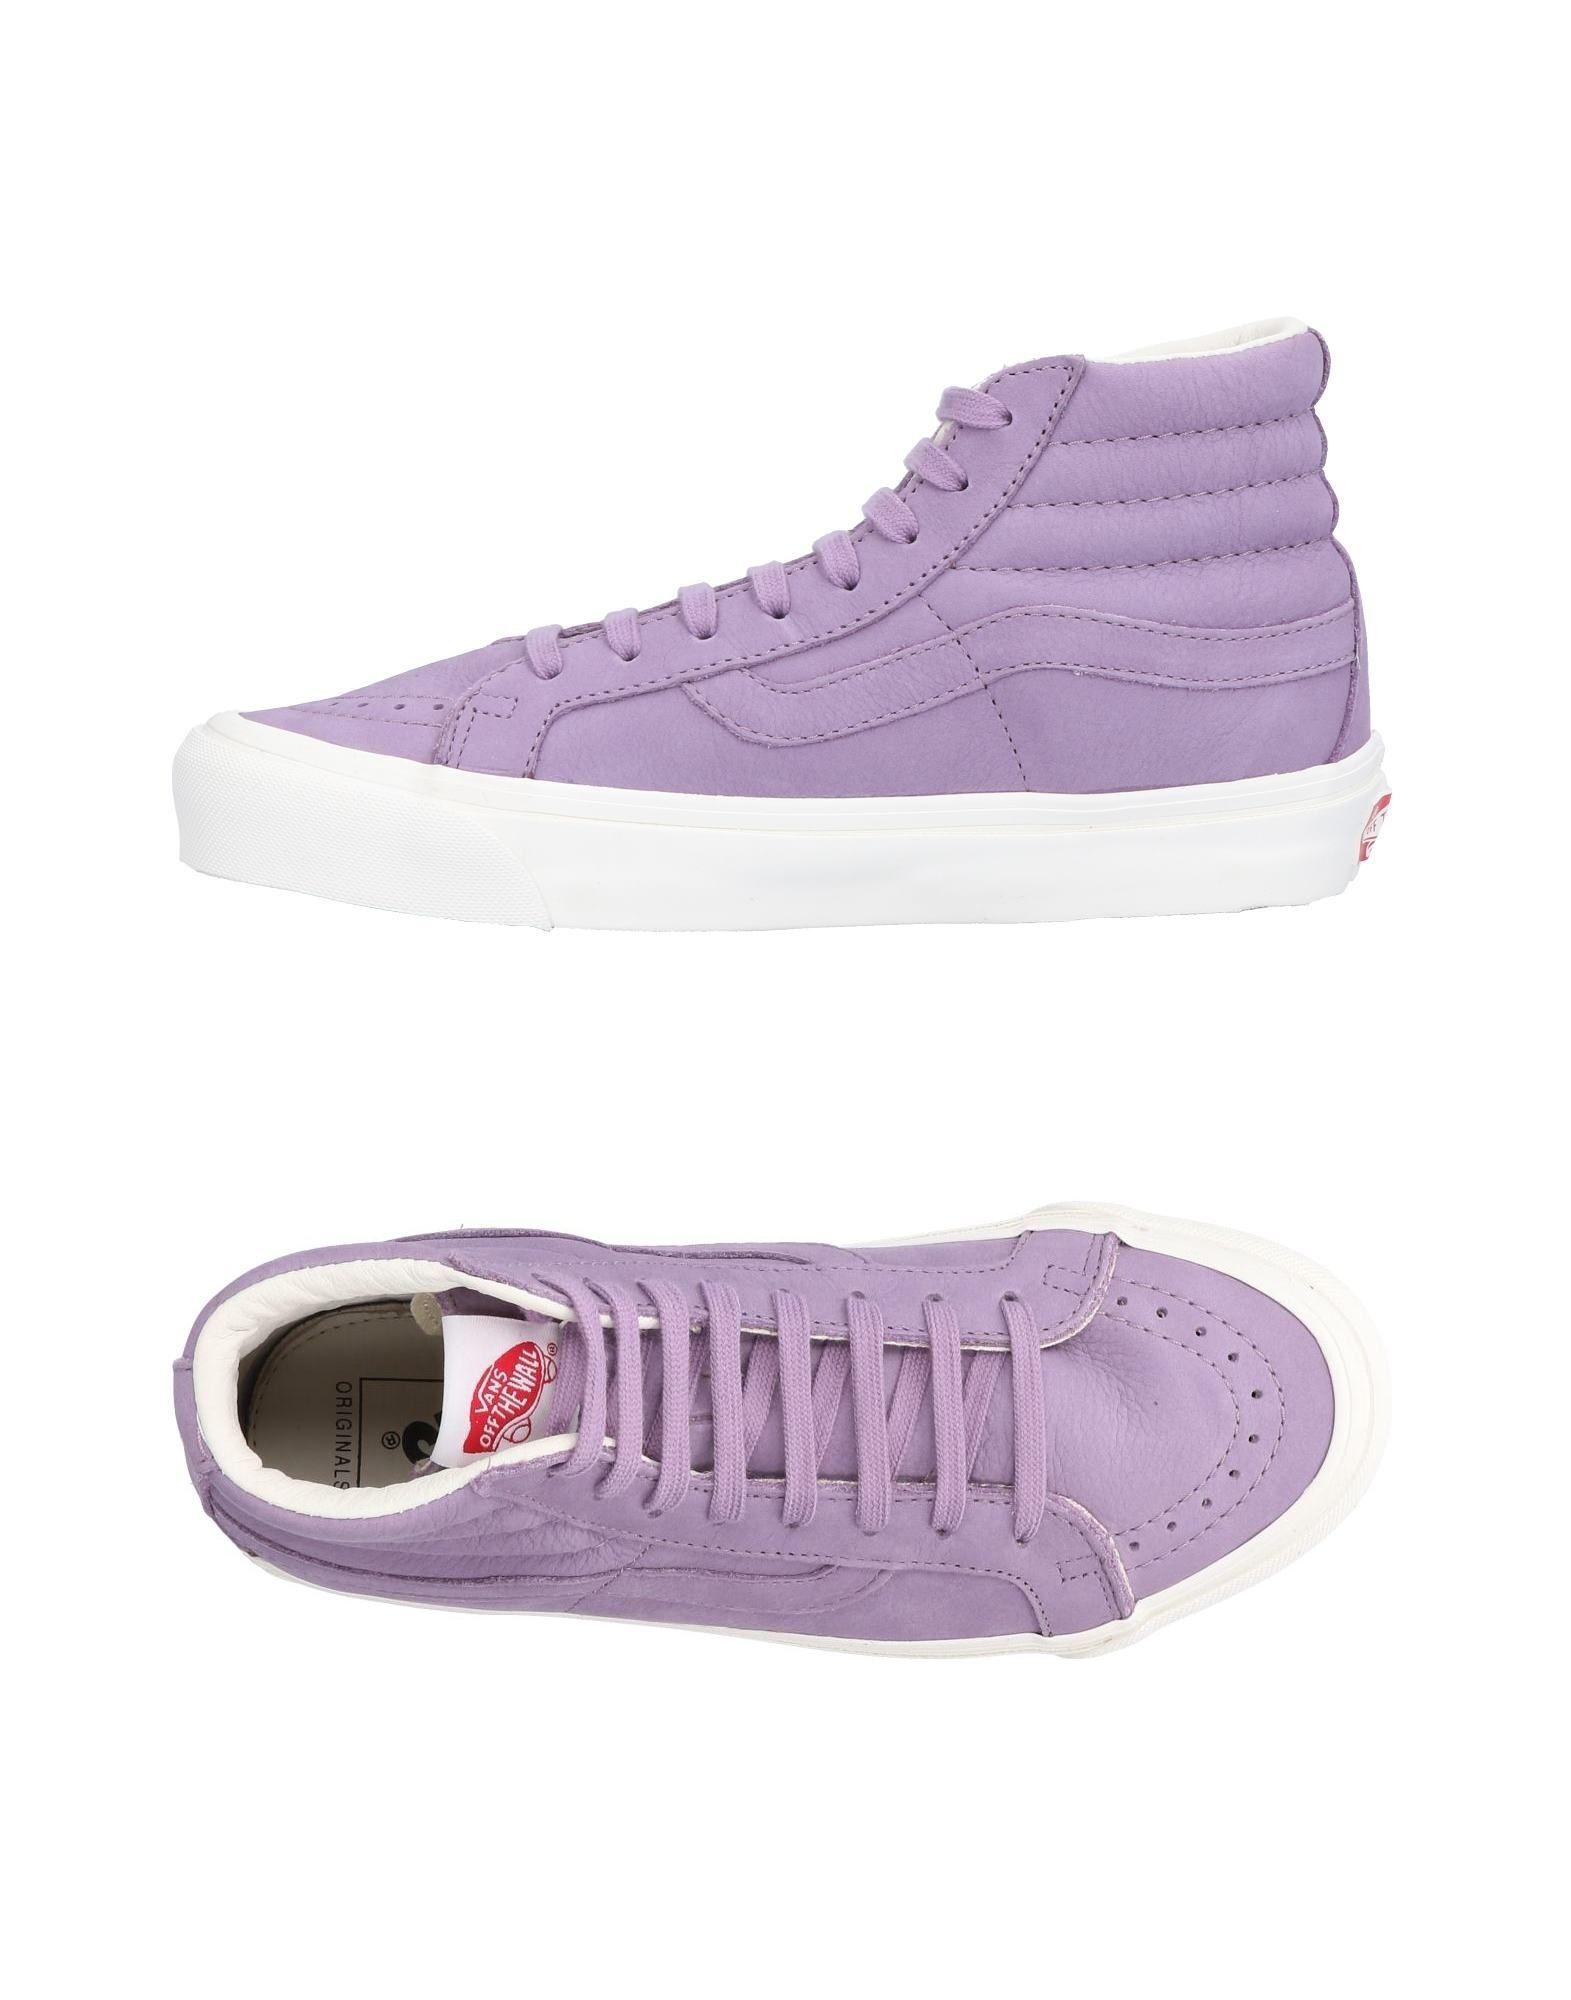 Vans Sneakers Damen  11473932EO Gute Schuhe Qualität beliebte Schuhe Gute 1cdece